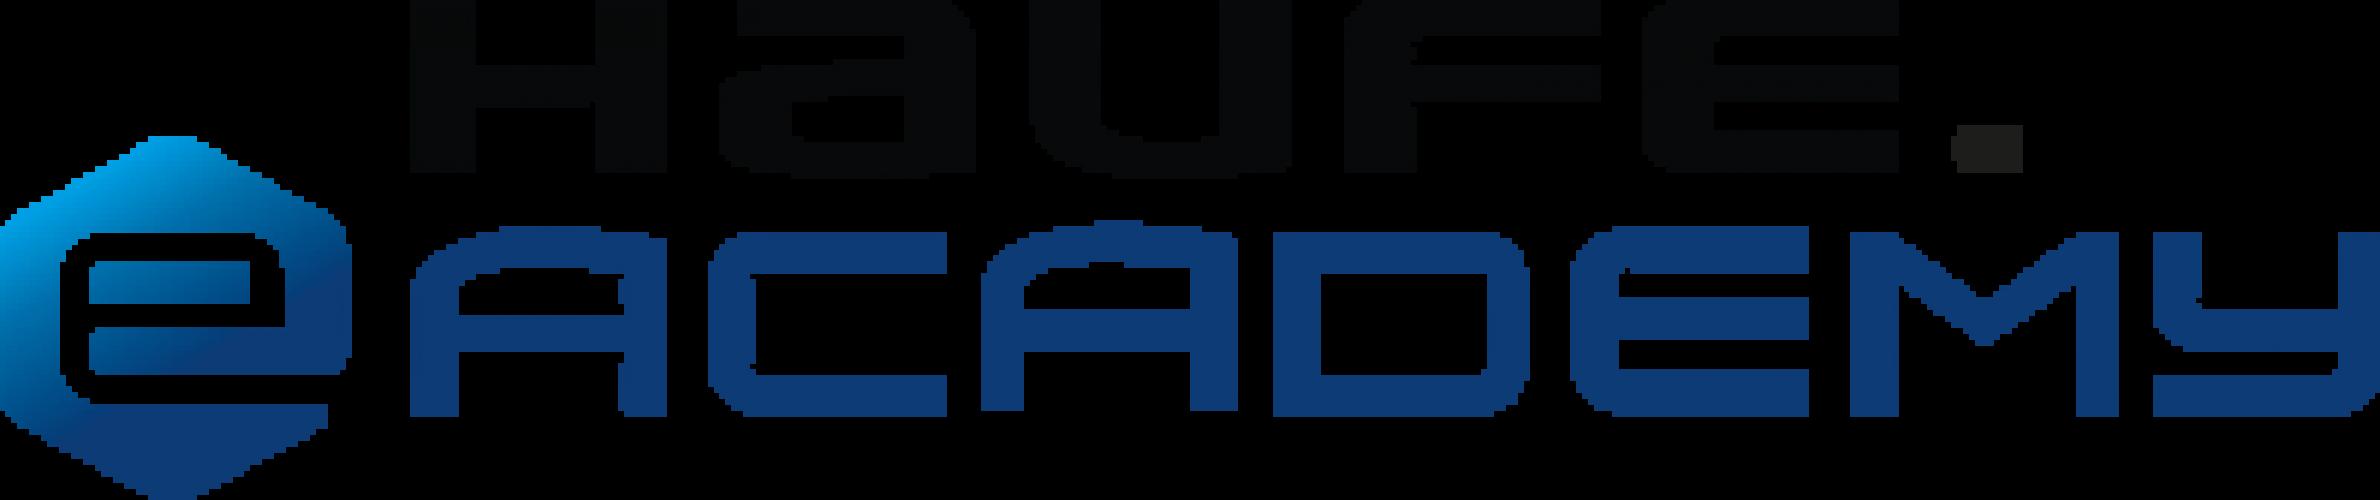 Logo der Haufe eAcademy